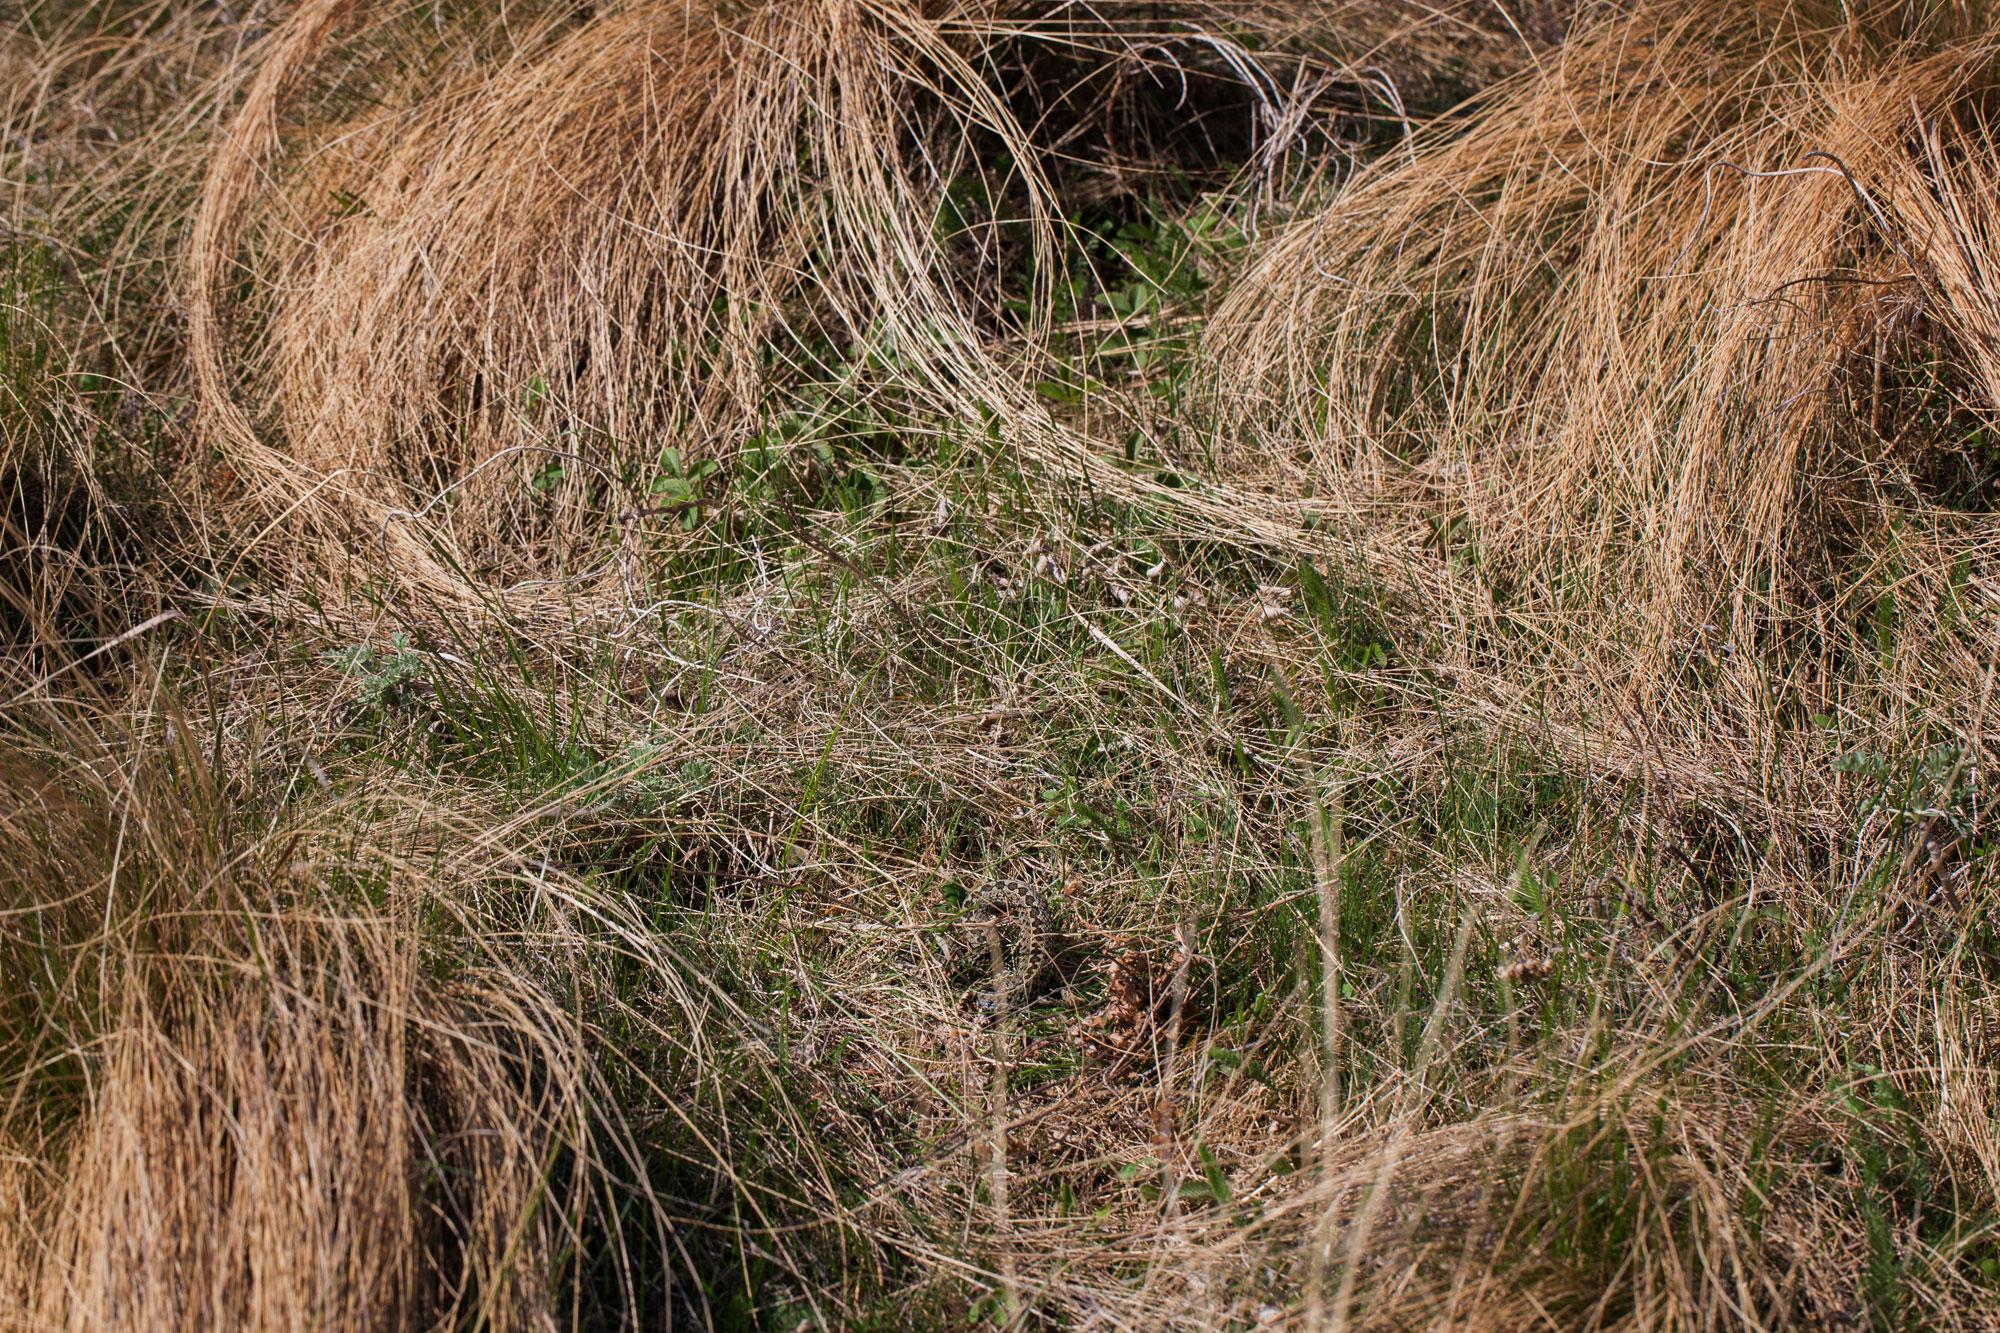 Vipera de faneata